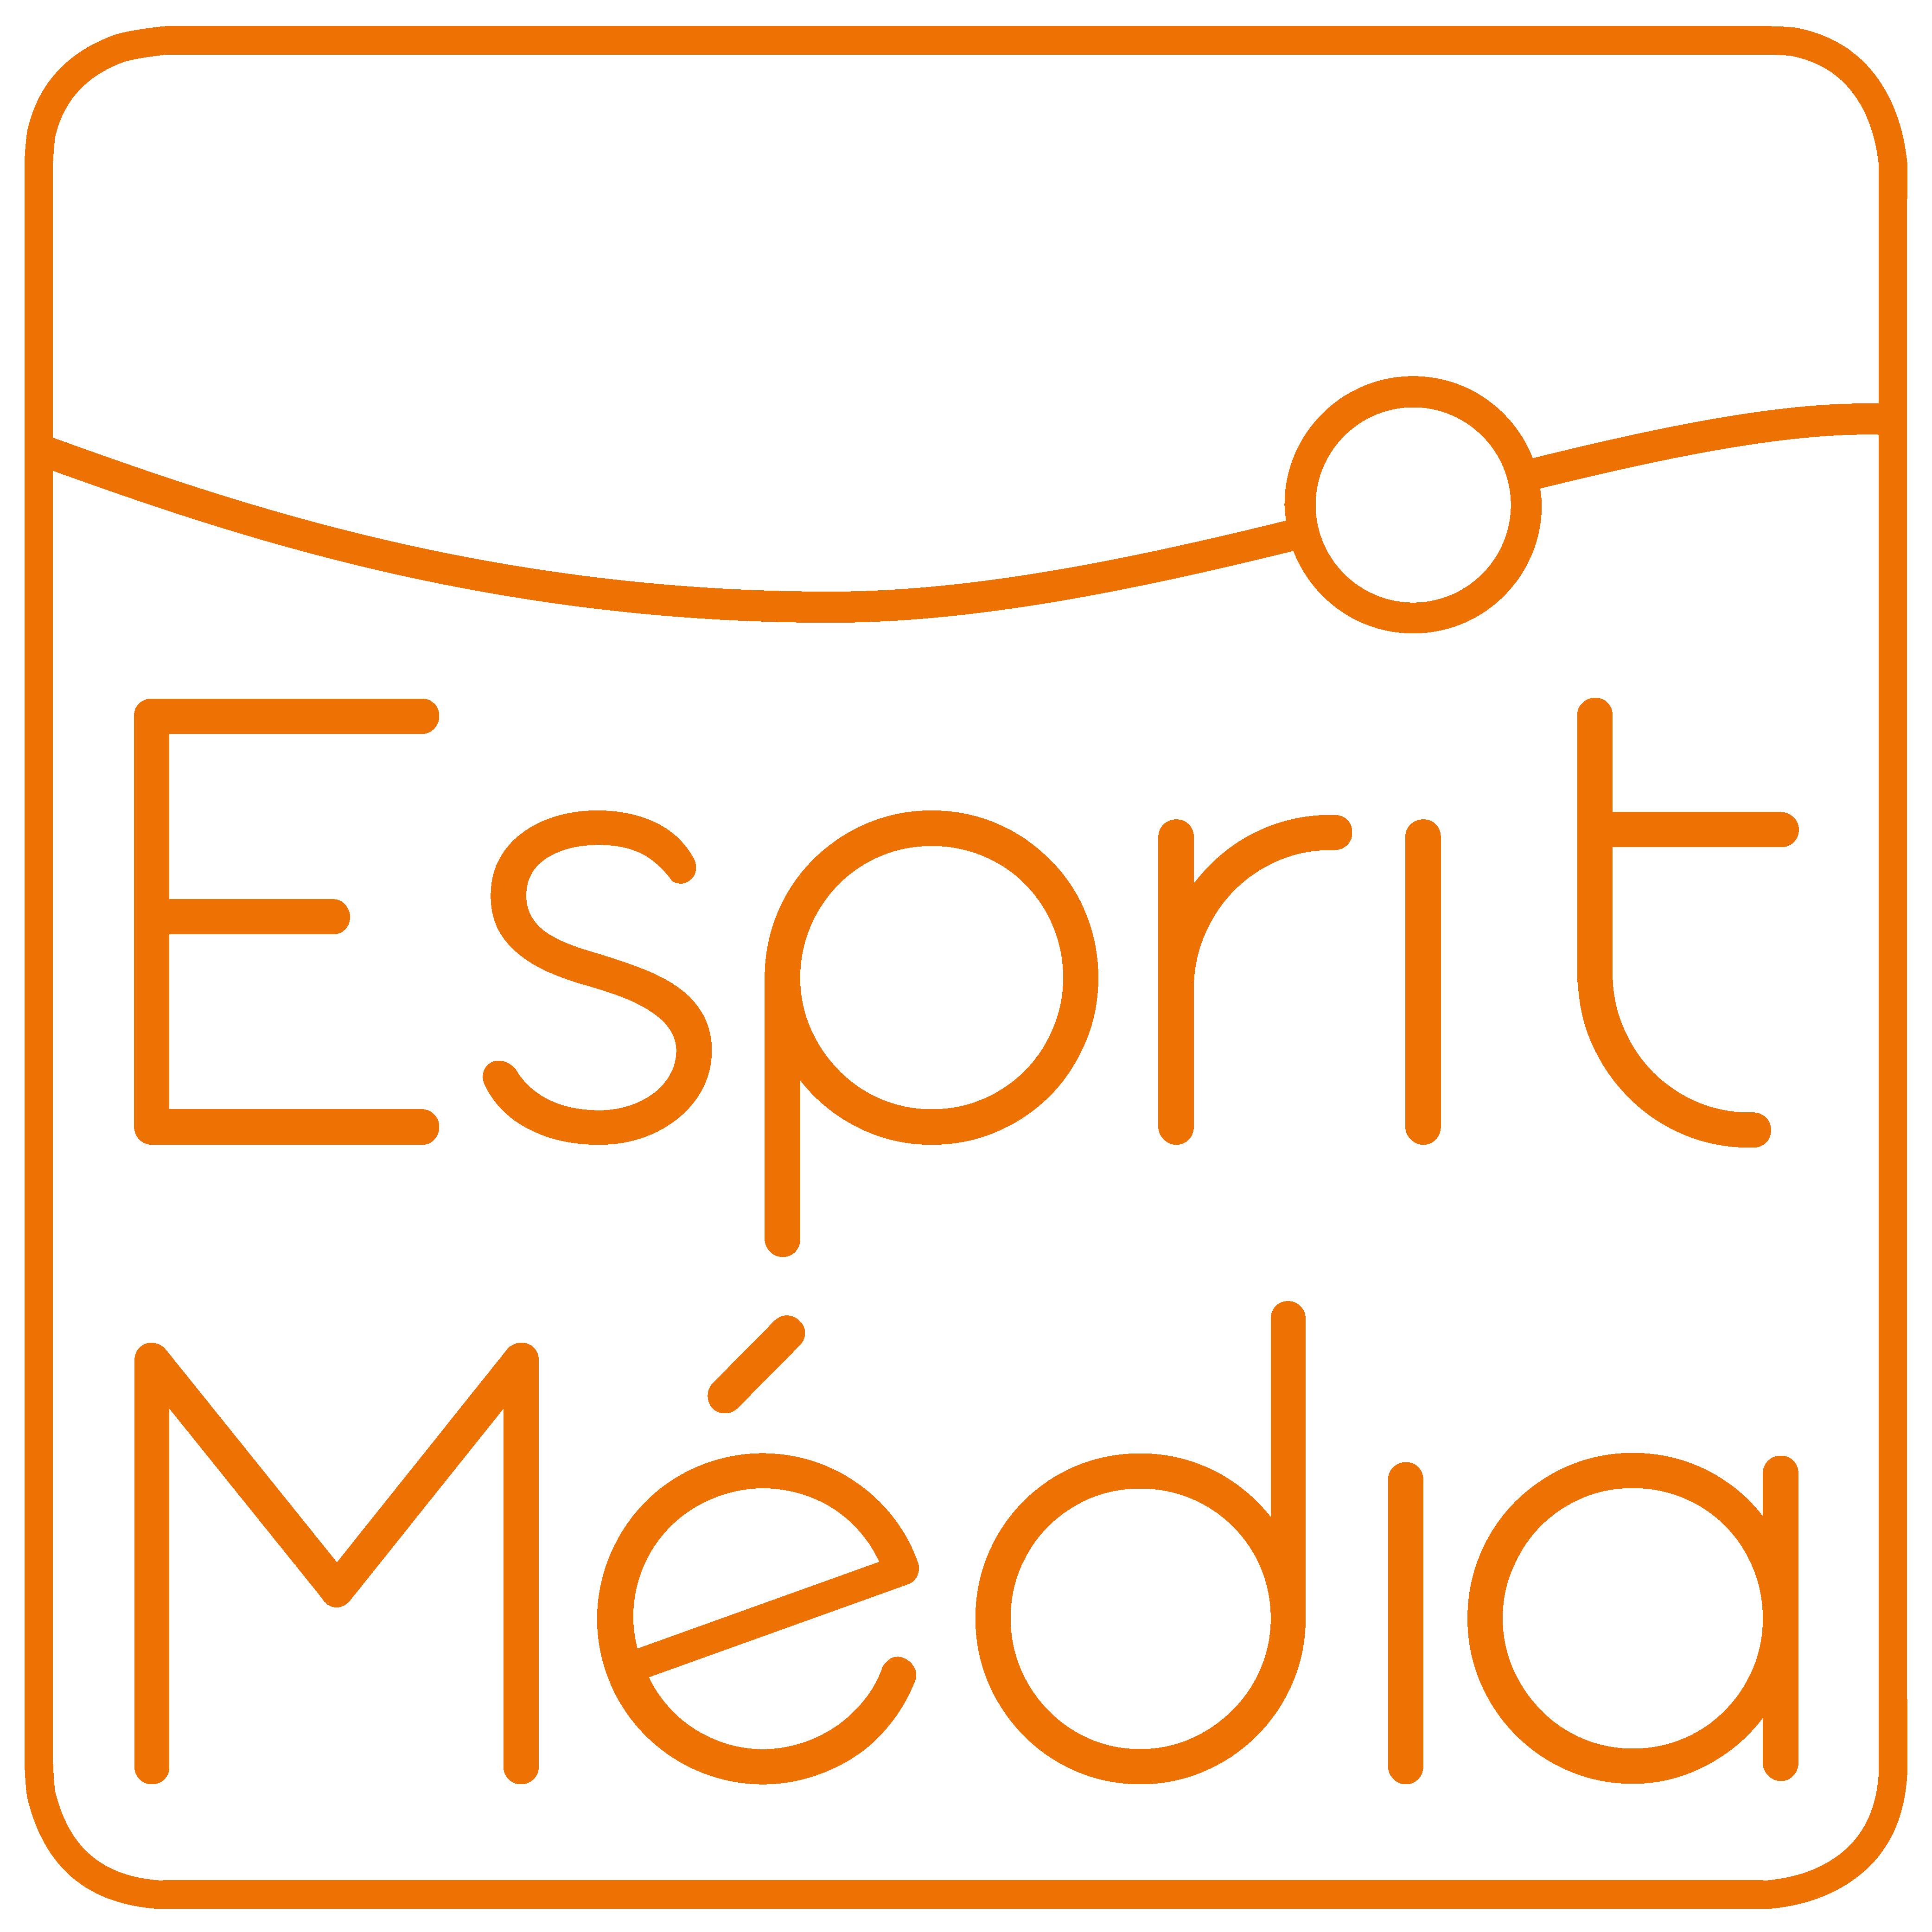 Esprit Média